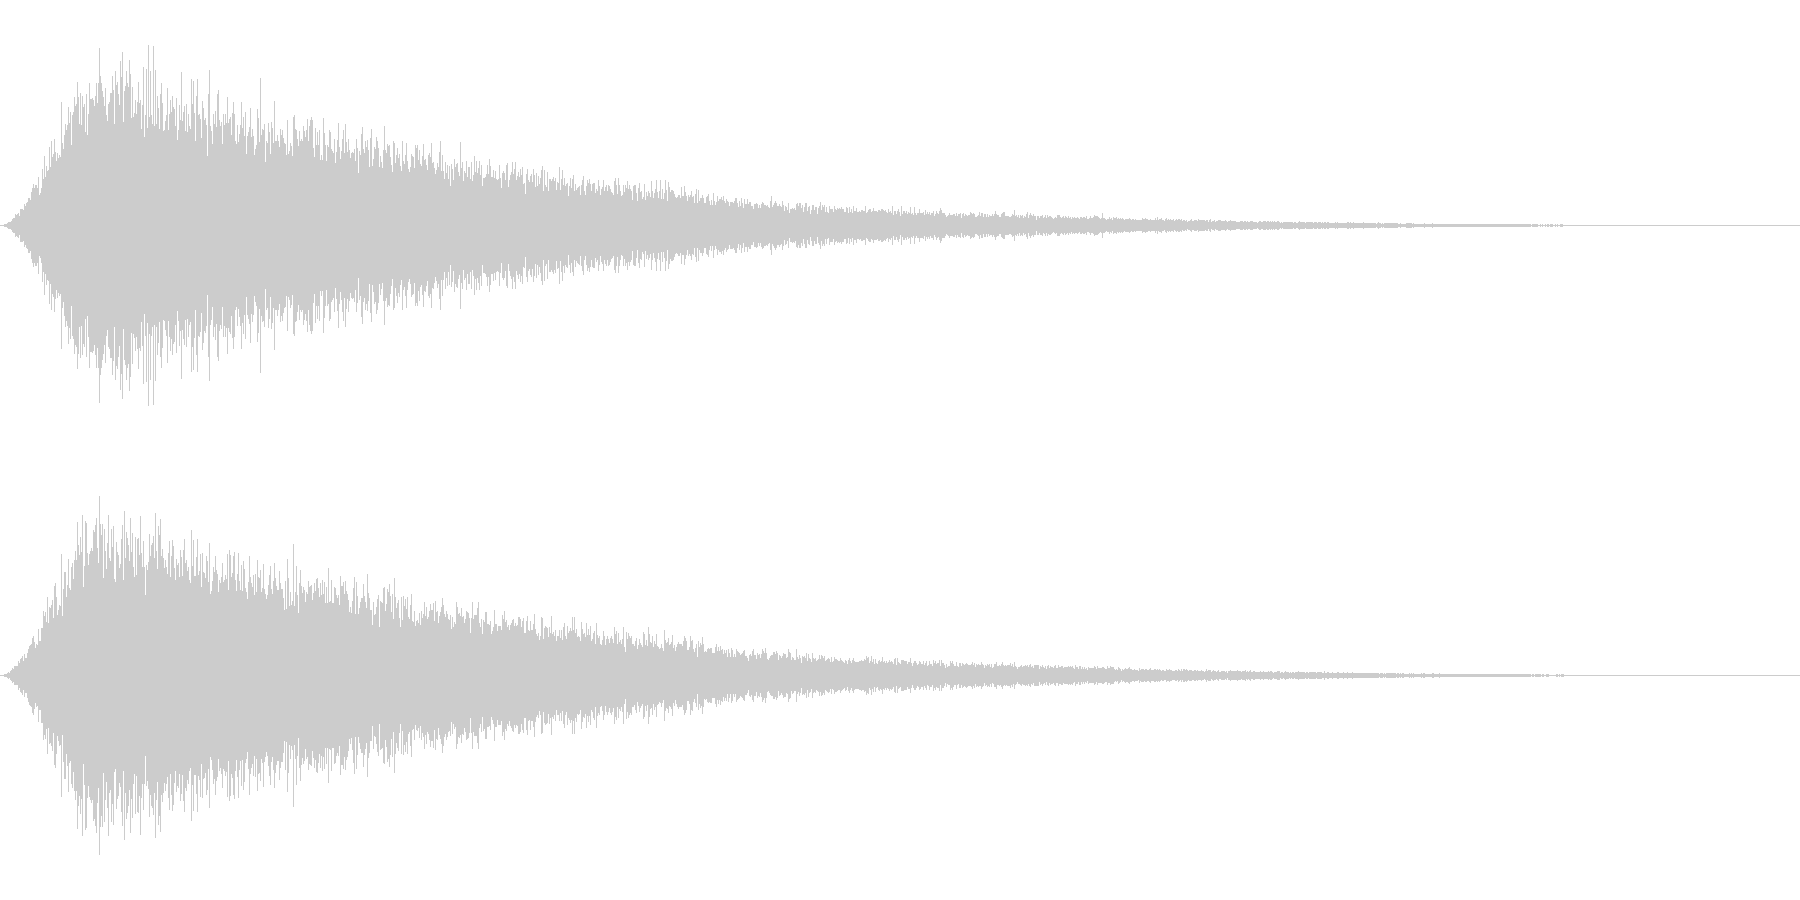 Seaside 波の音 ワンショット音源の未再生の波形